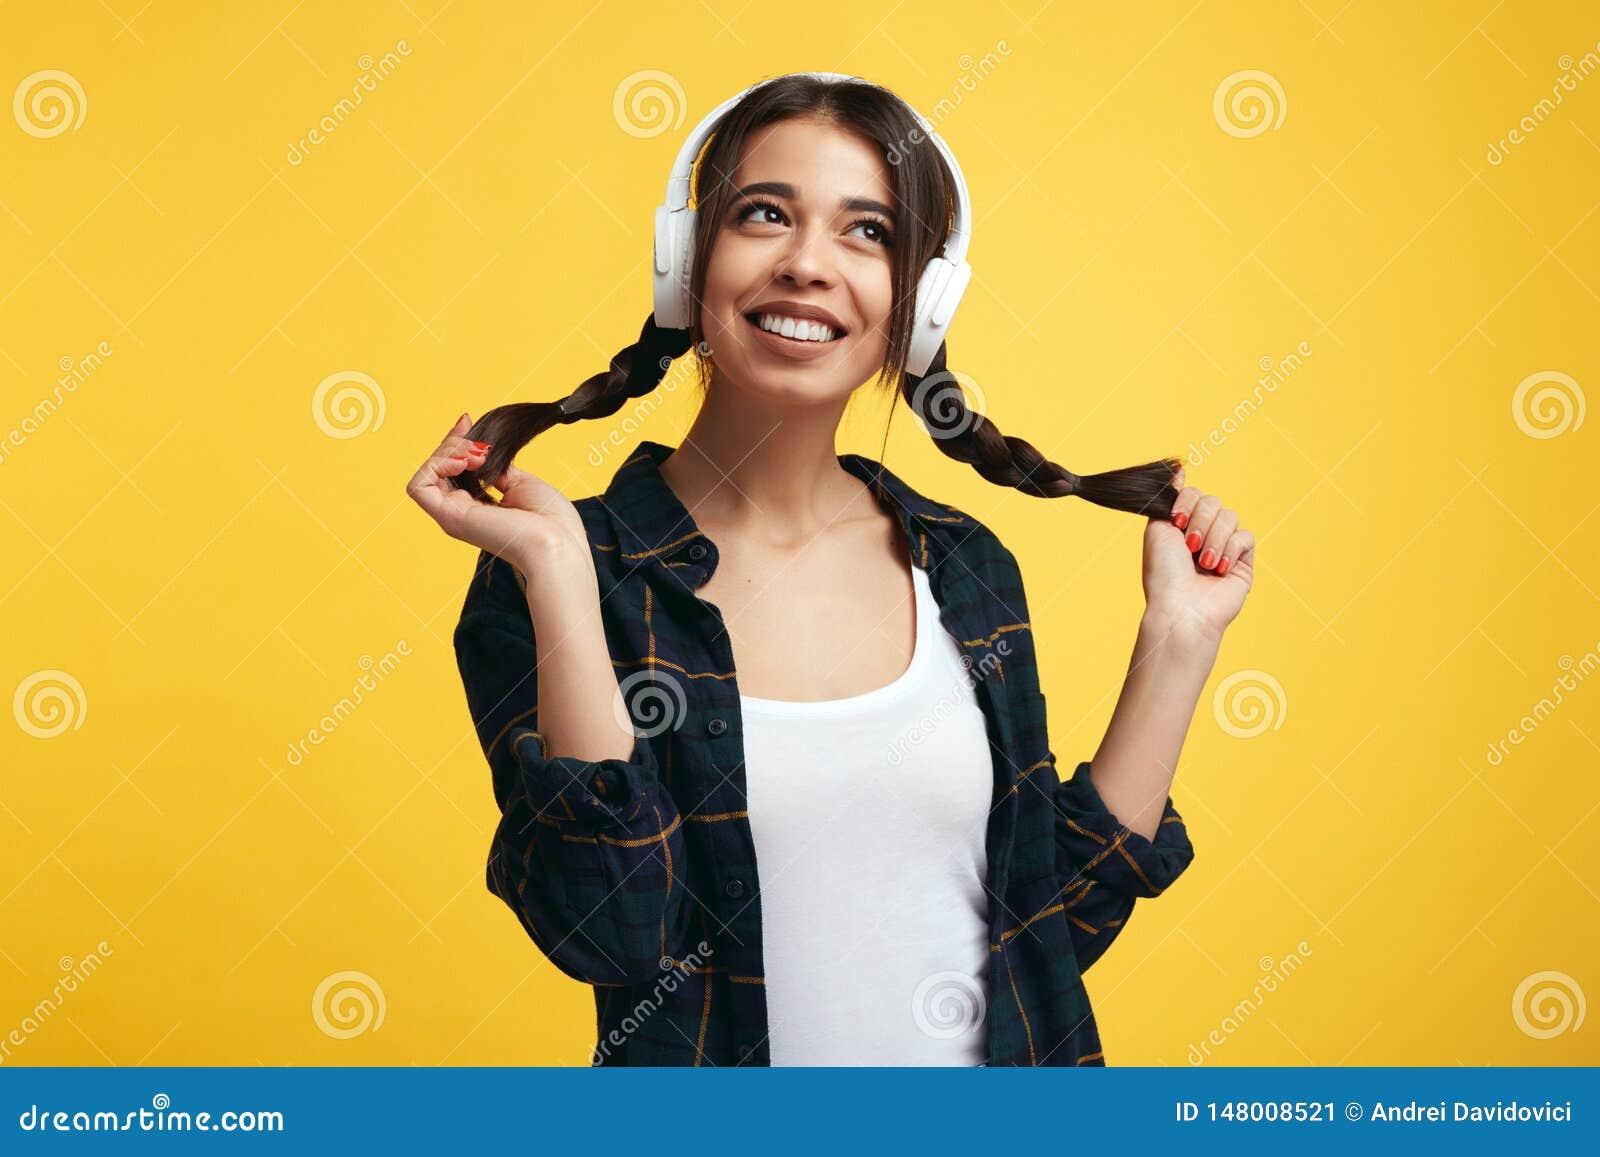 Hübsche junge Frau mit weißen Kopfhörern, hört Musik und fühlt sich froh und spielt mit ihren Pferdeschwänzen und weg schaut mit